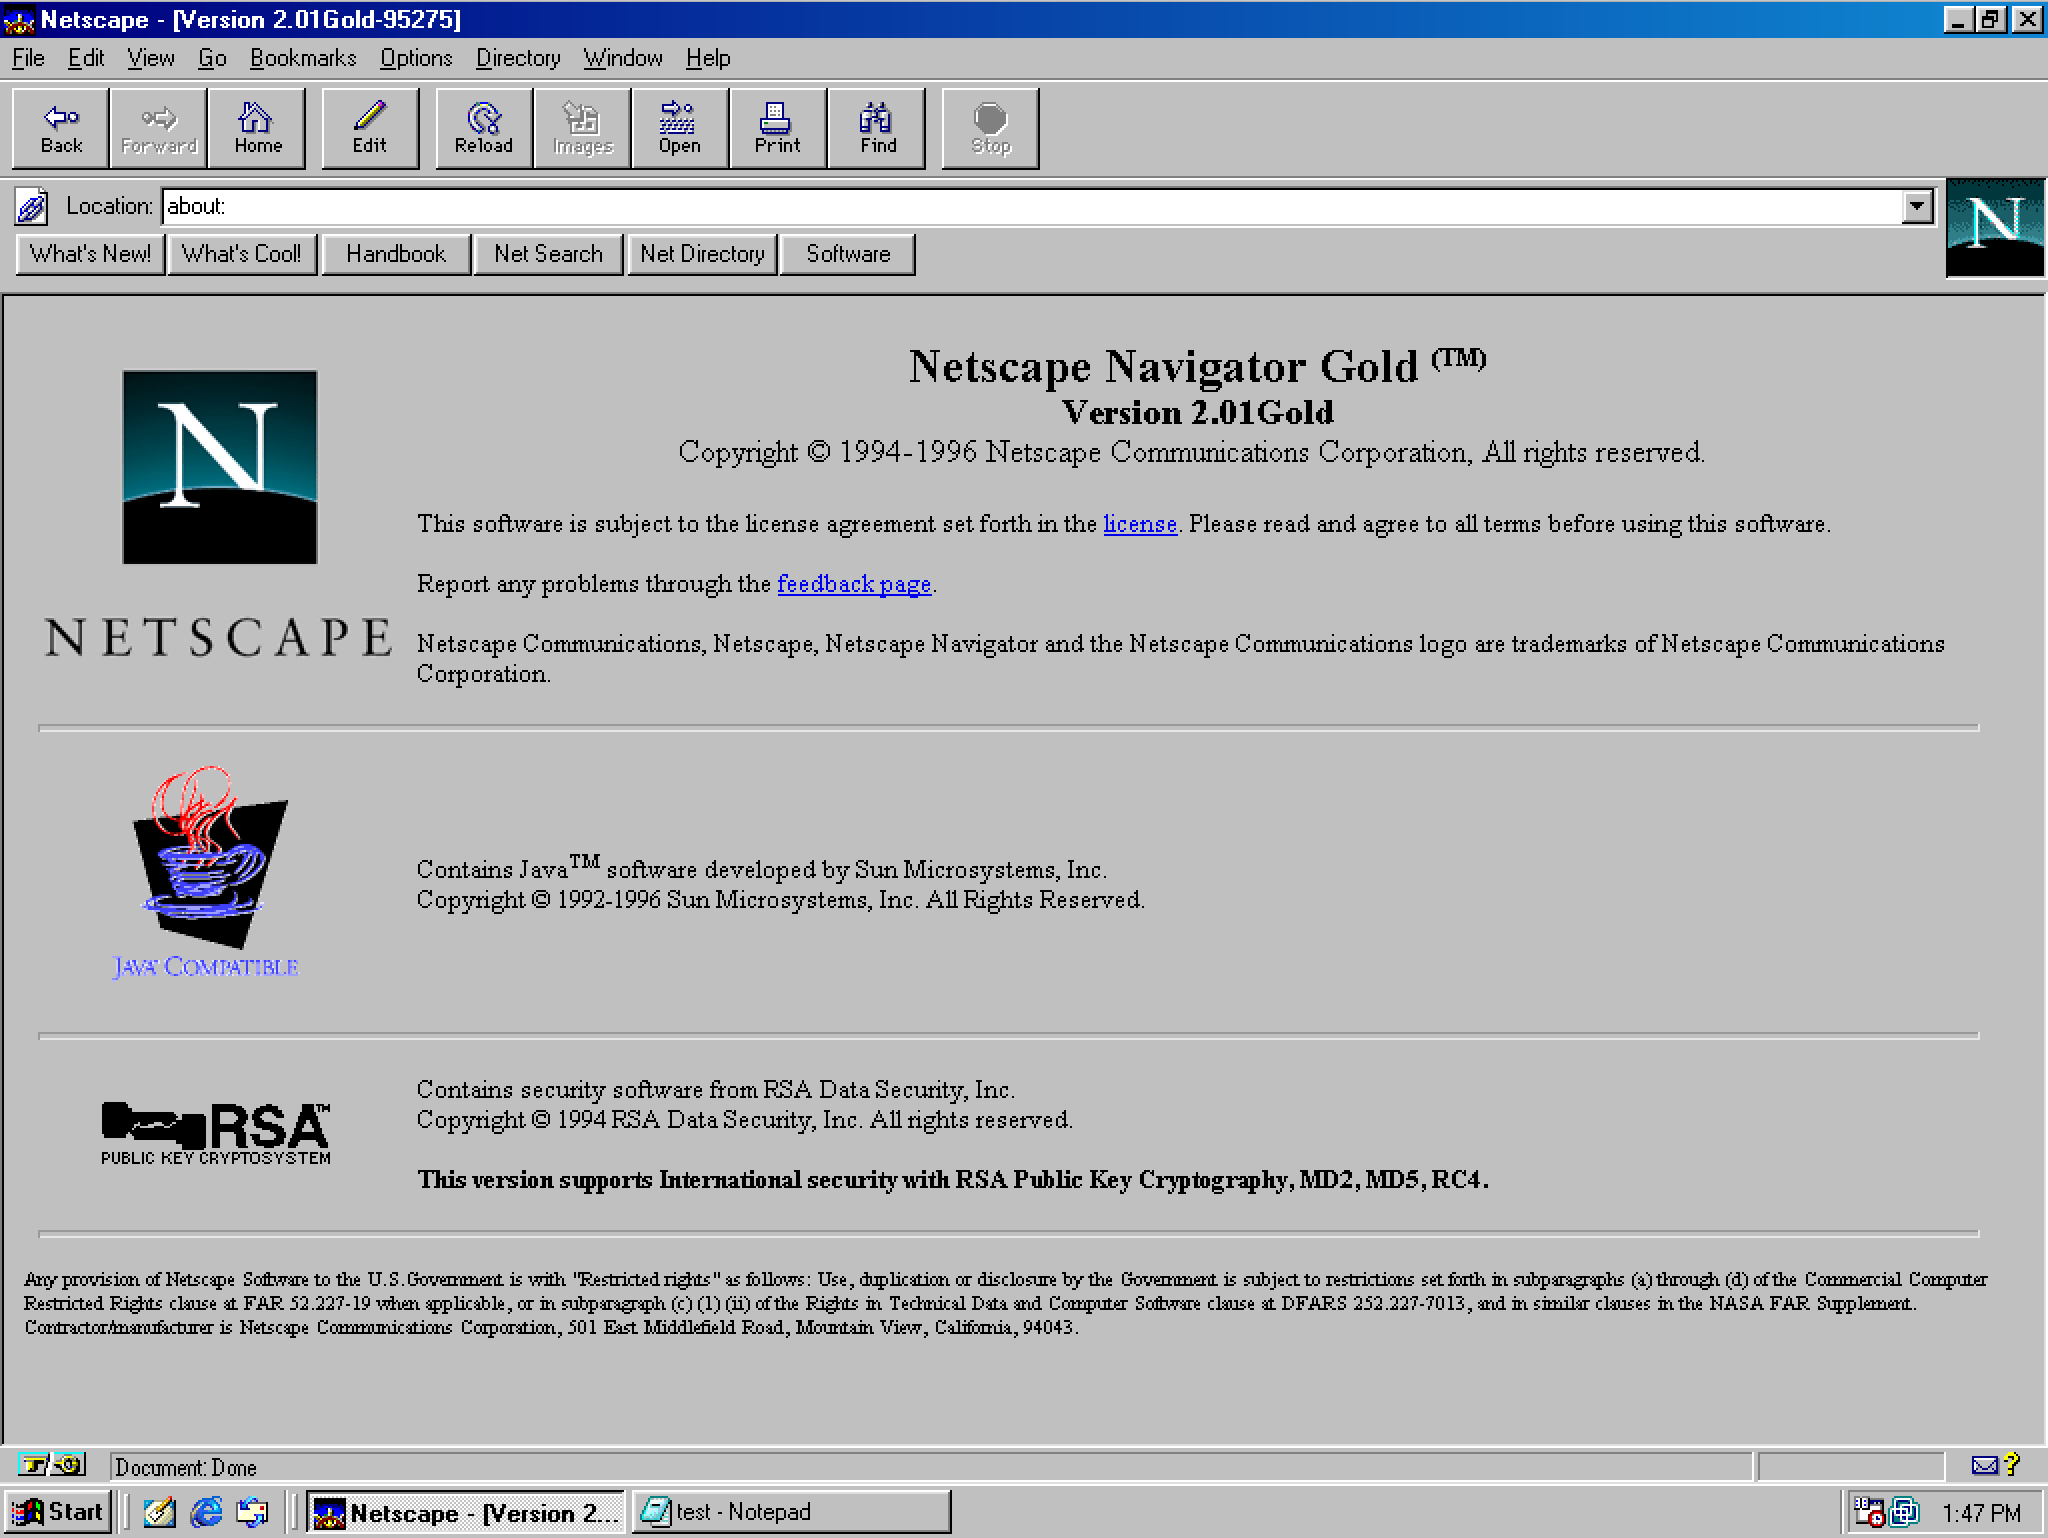 Netscape Navigator 2.01 Gold